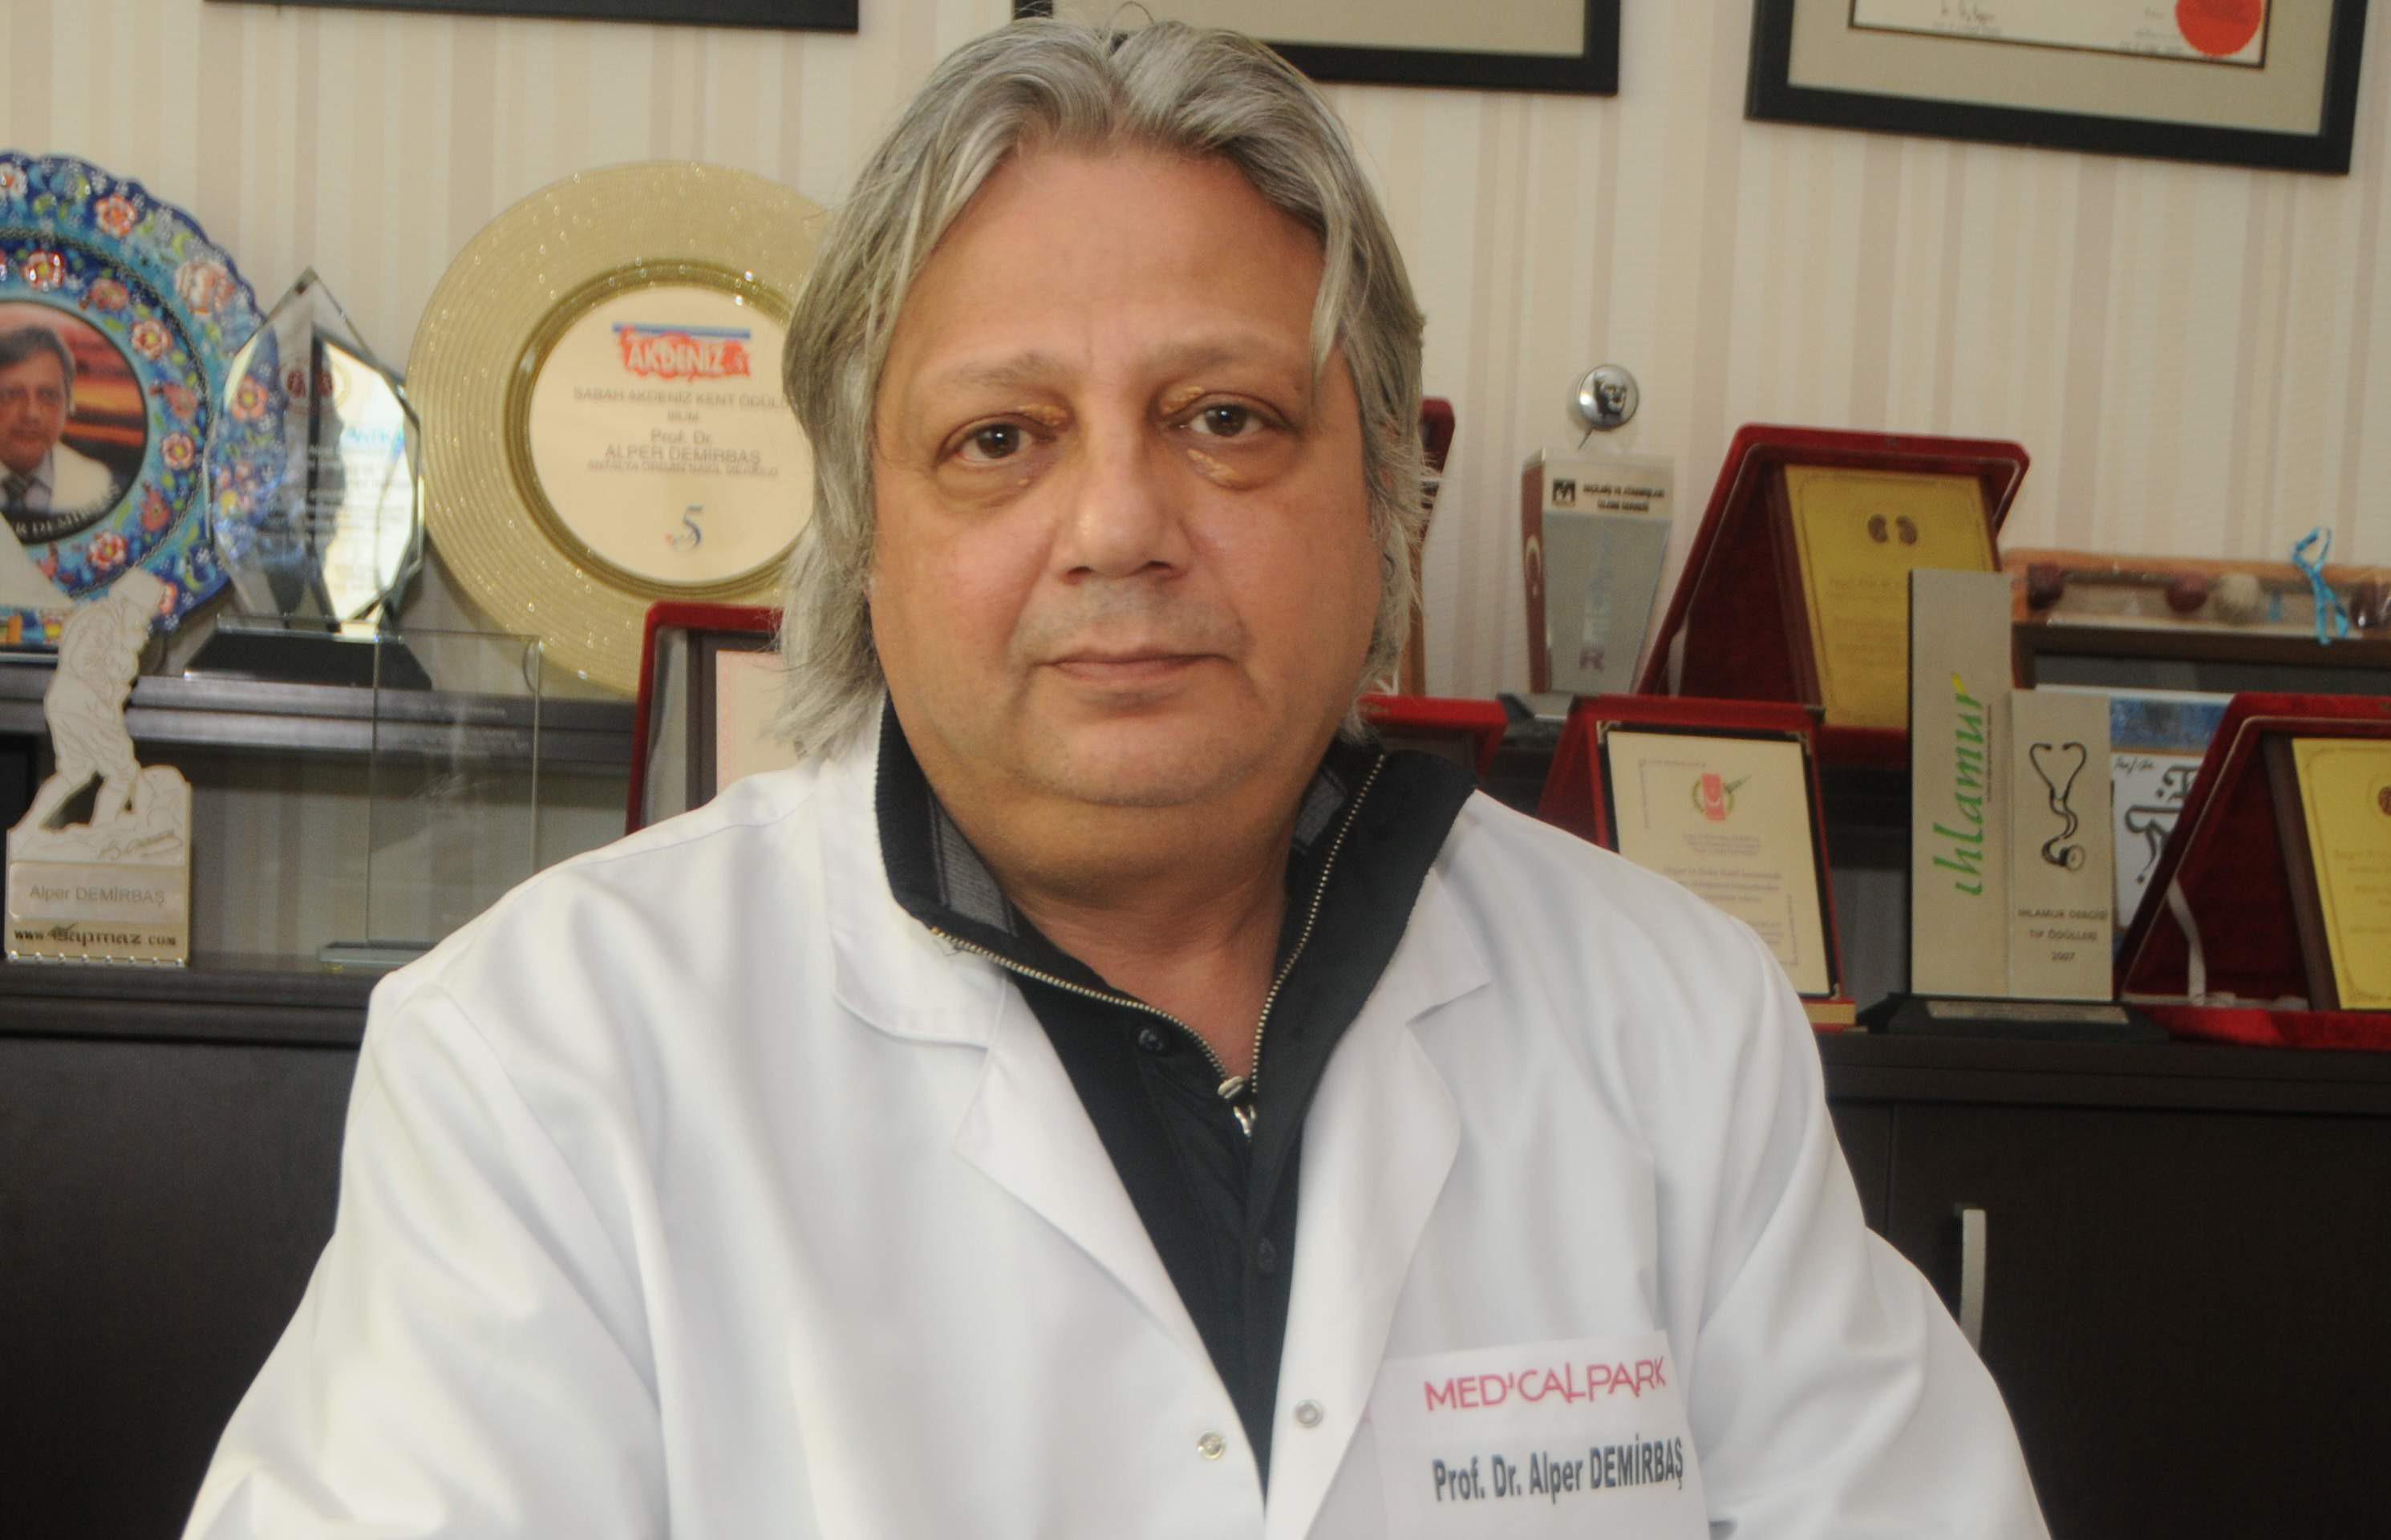 Prof.Dr. Alper Demirbaş, Hayat kurtarmak için öldükten sonra organlarınızı bağışlayın